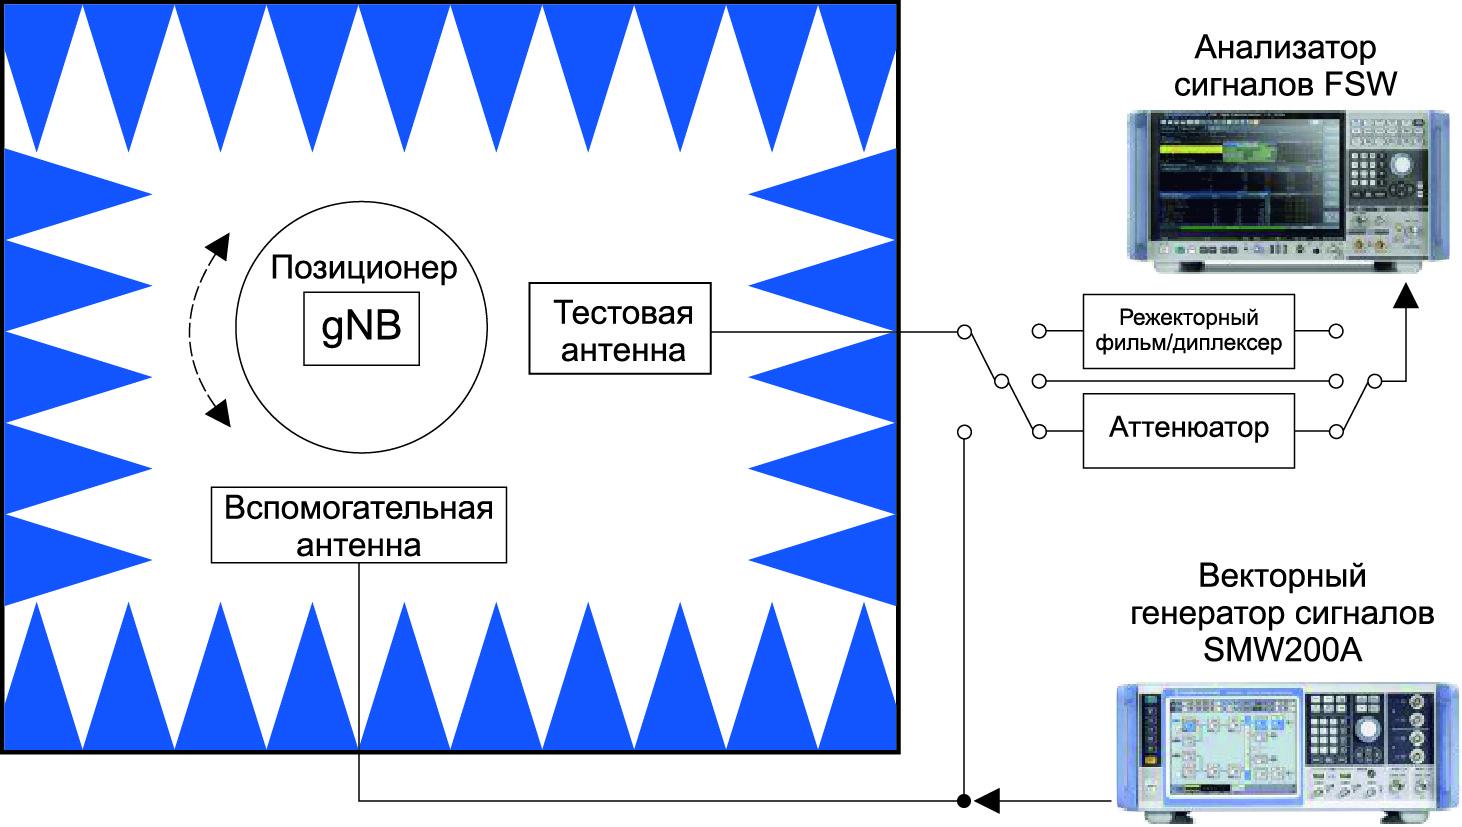 Общая схема подключения при беспроводном тестировании gNB